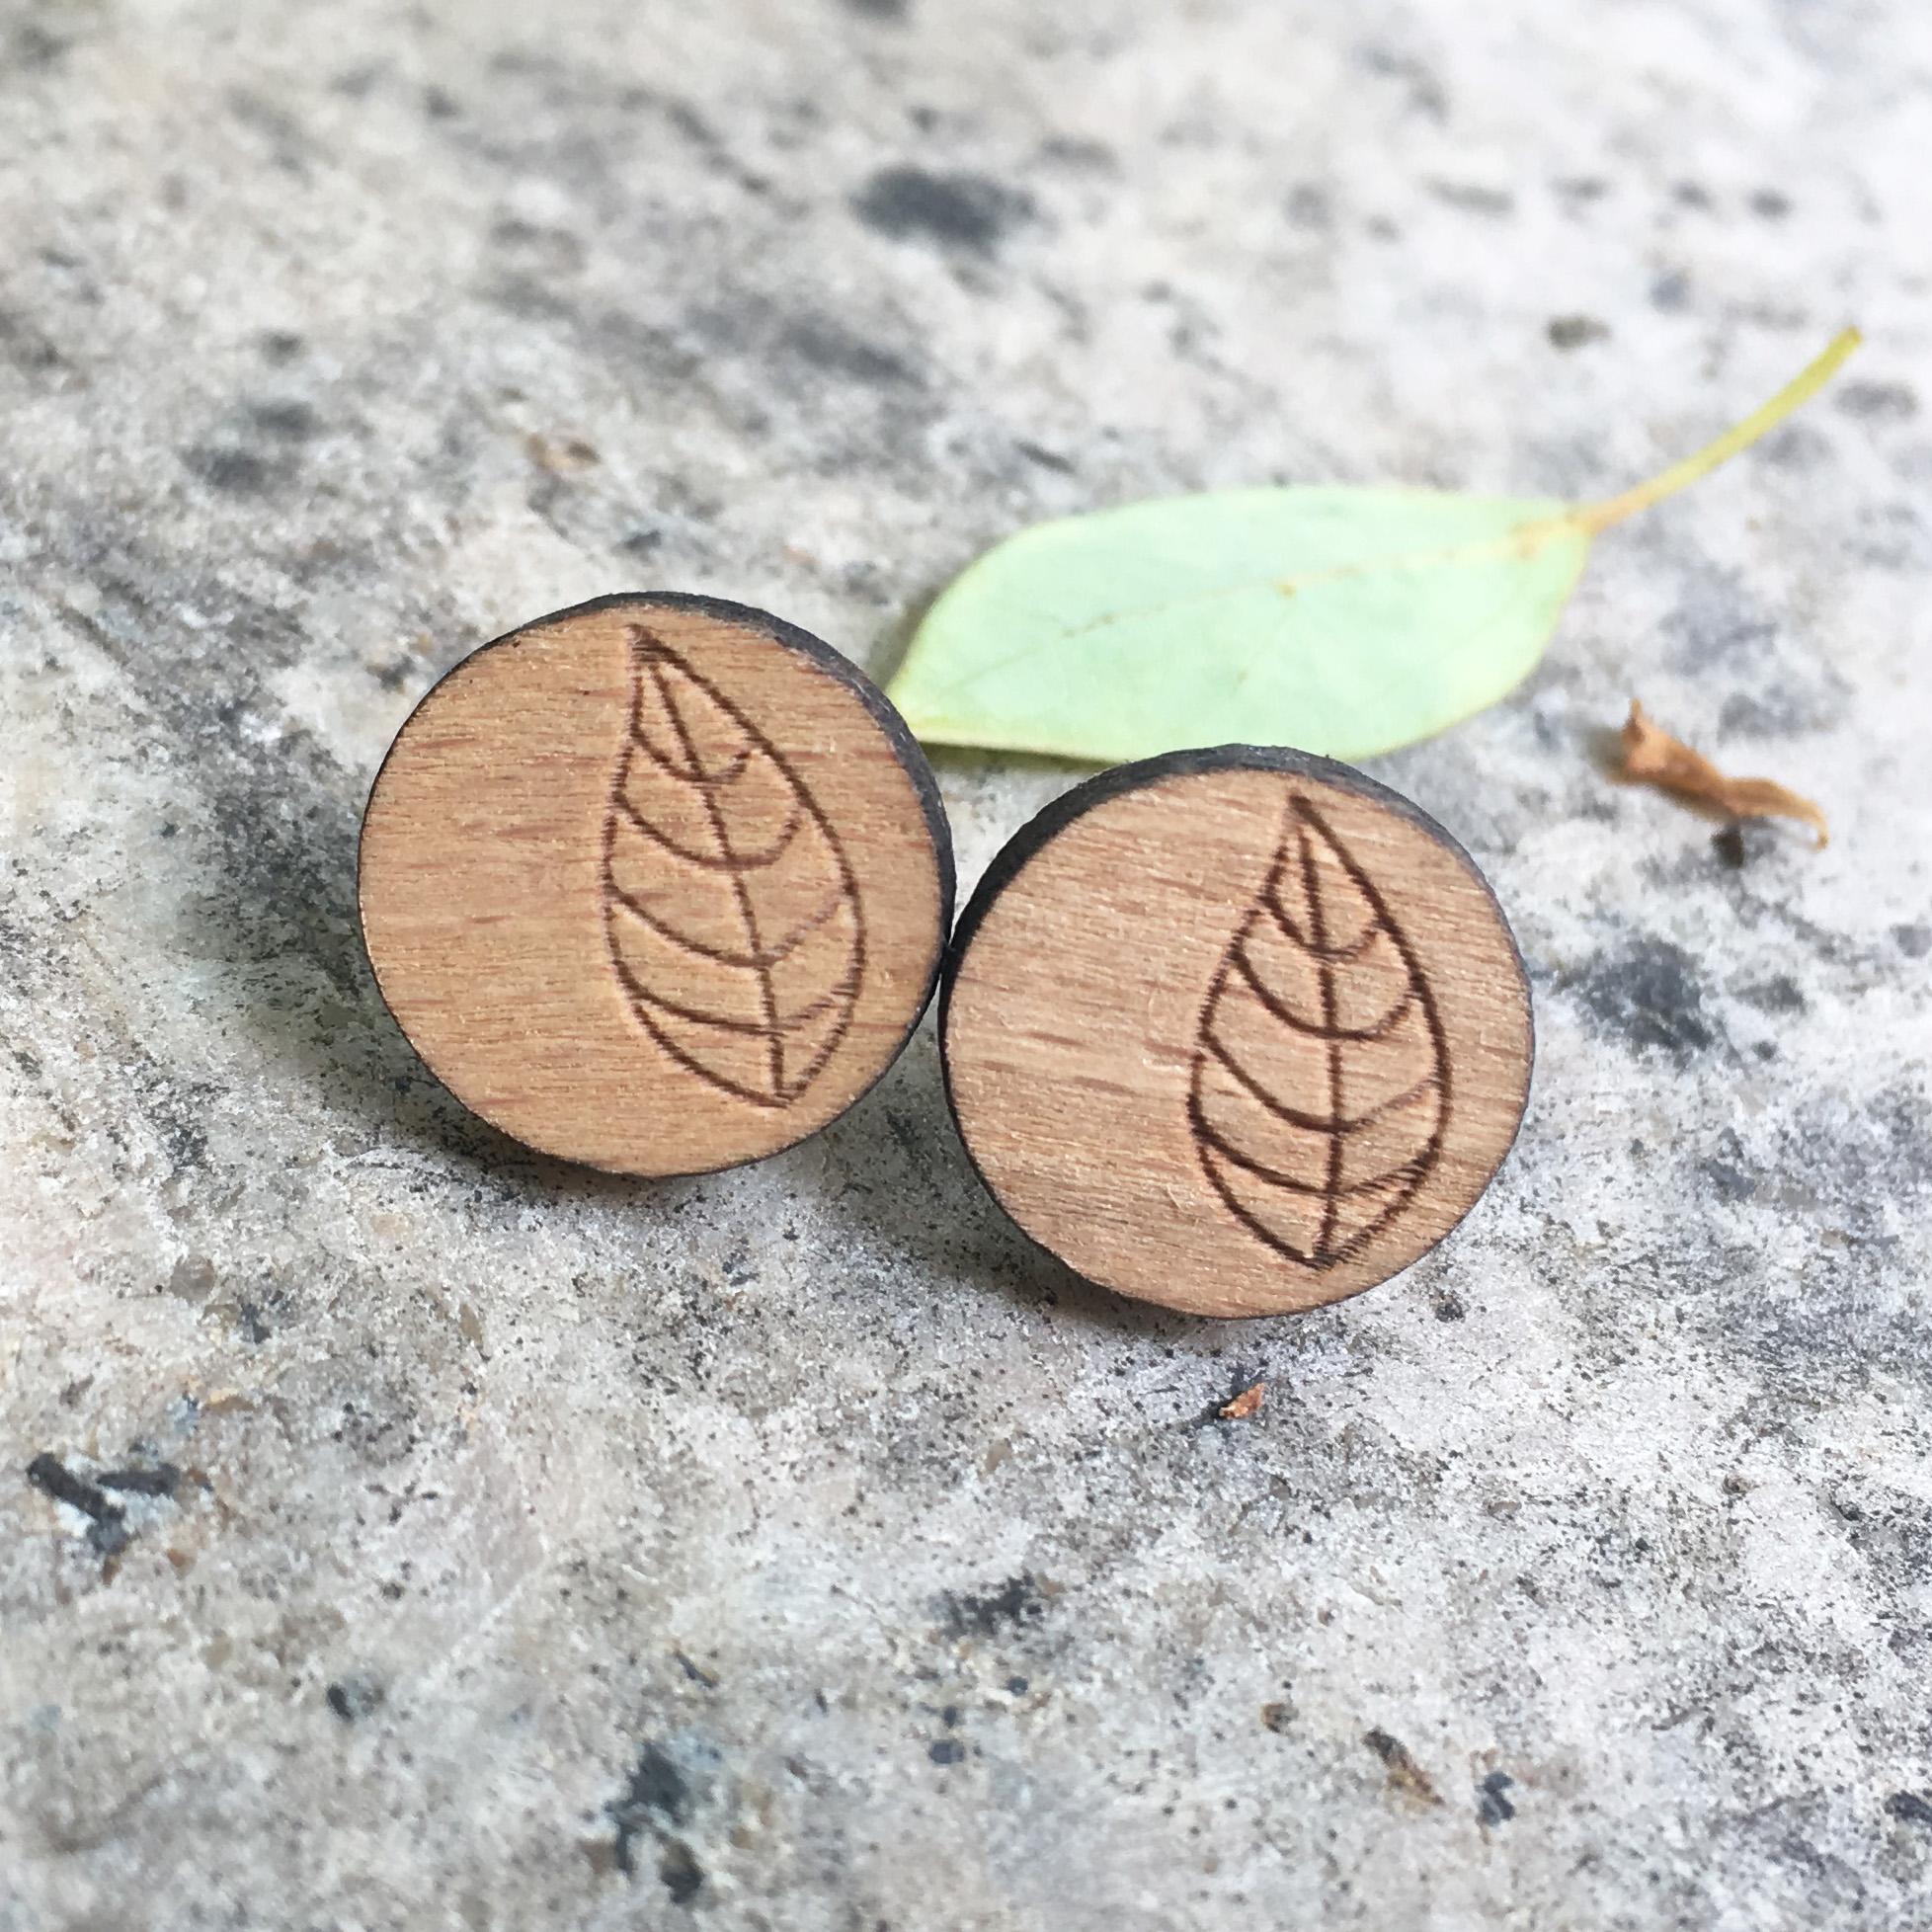 [해외]천연 레이저 새겨진 리프 귀걸이 트리 스터드 공장 나무 귀걸이 X 1 쌍/Natural Laser Engraved Leaf Earrings Tree Stud Plant Wooden Earring X 1 Pair